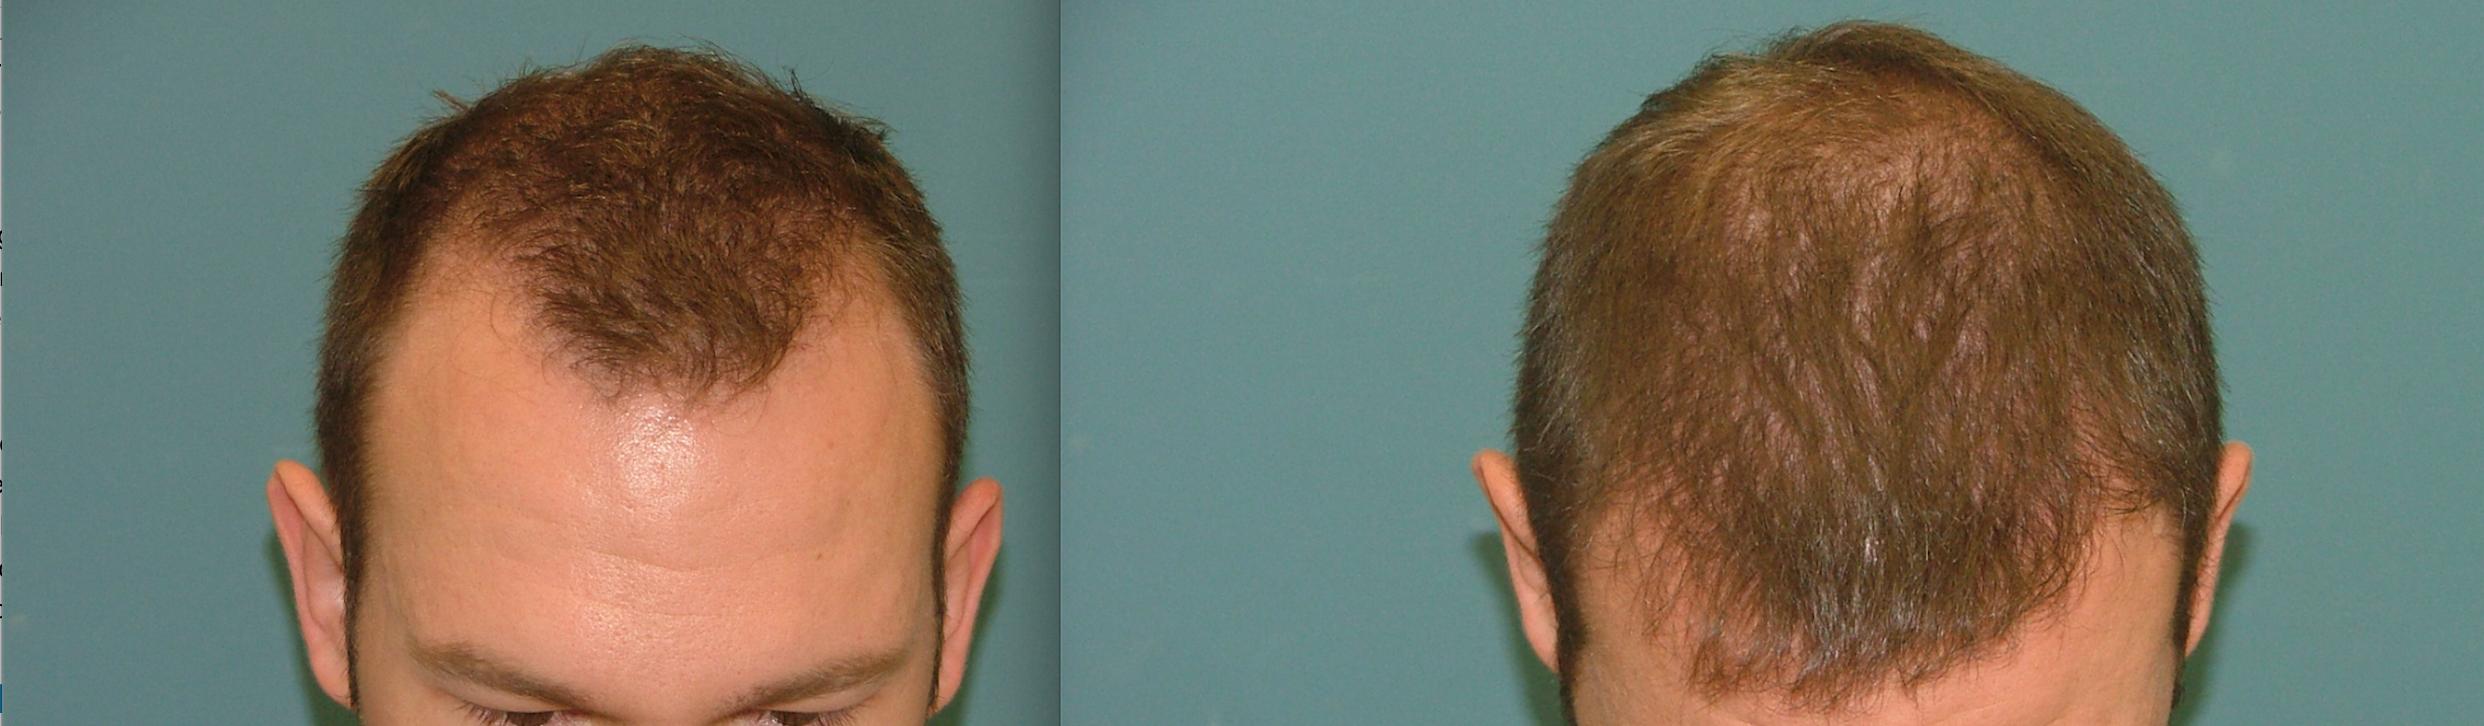 Estetigraft Hair Restoration and Transplantation